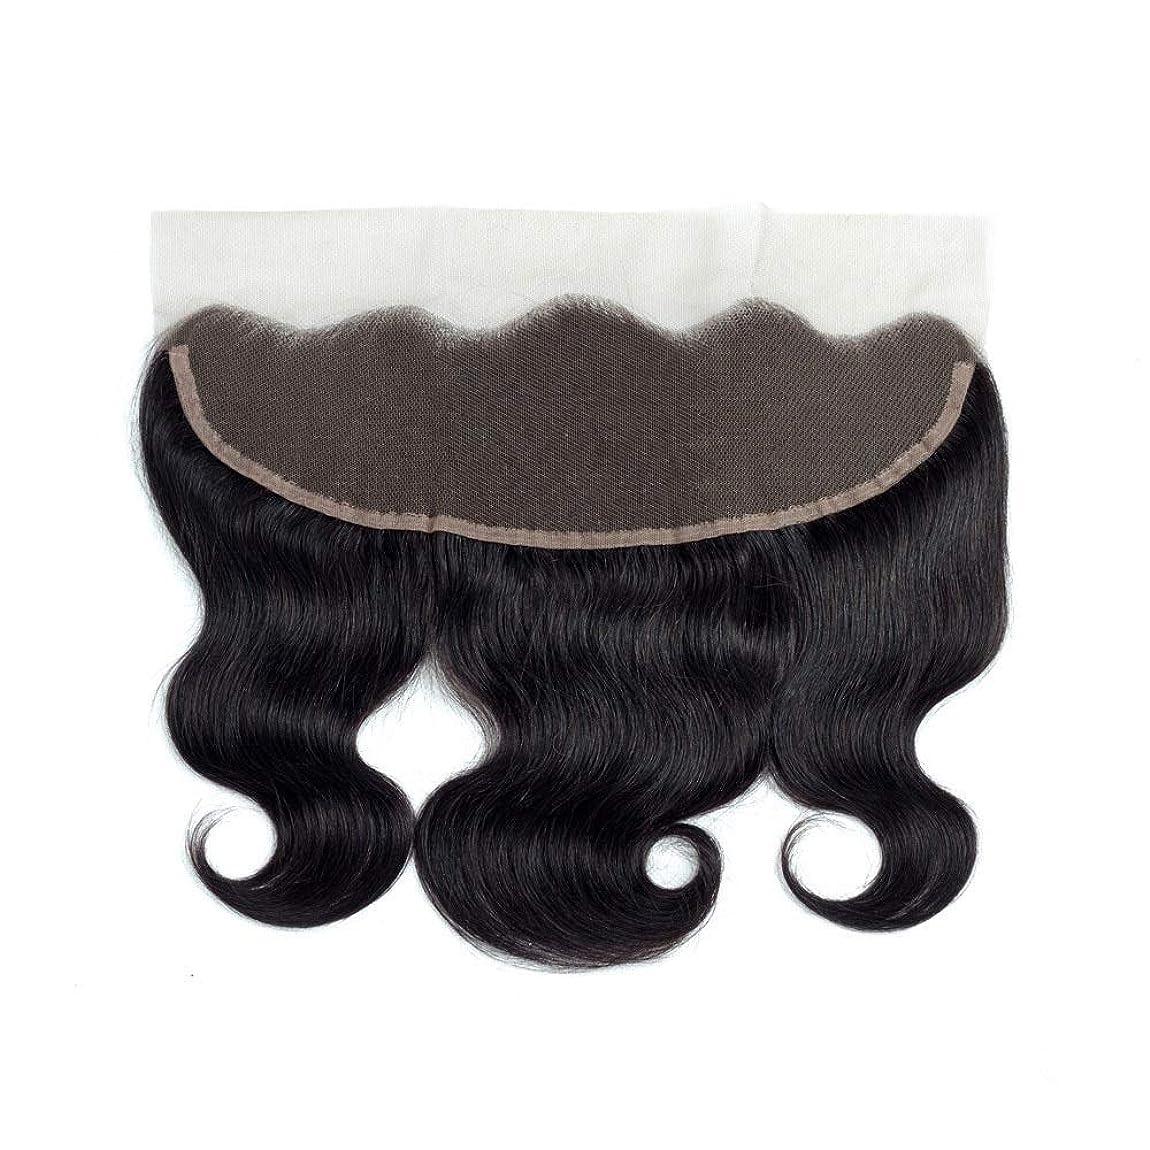 気味の悪いステレオタイプ順応性Yrattary ブラジル髪の閉鎖13 * 4レース前頭波人間の髪の毛の自然な黒い色女性合成かつらレースかつらロールプレイングかつら (色 : 黒, サイズ : 18 inch)